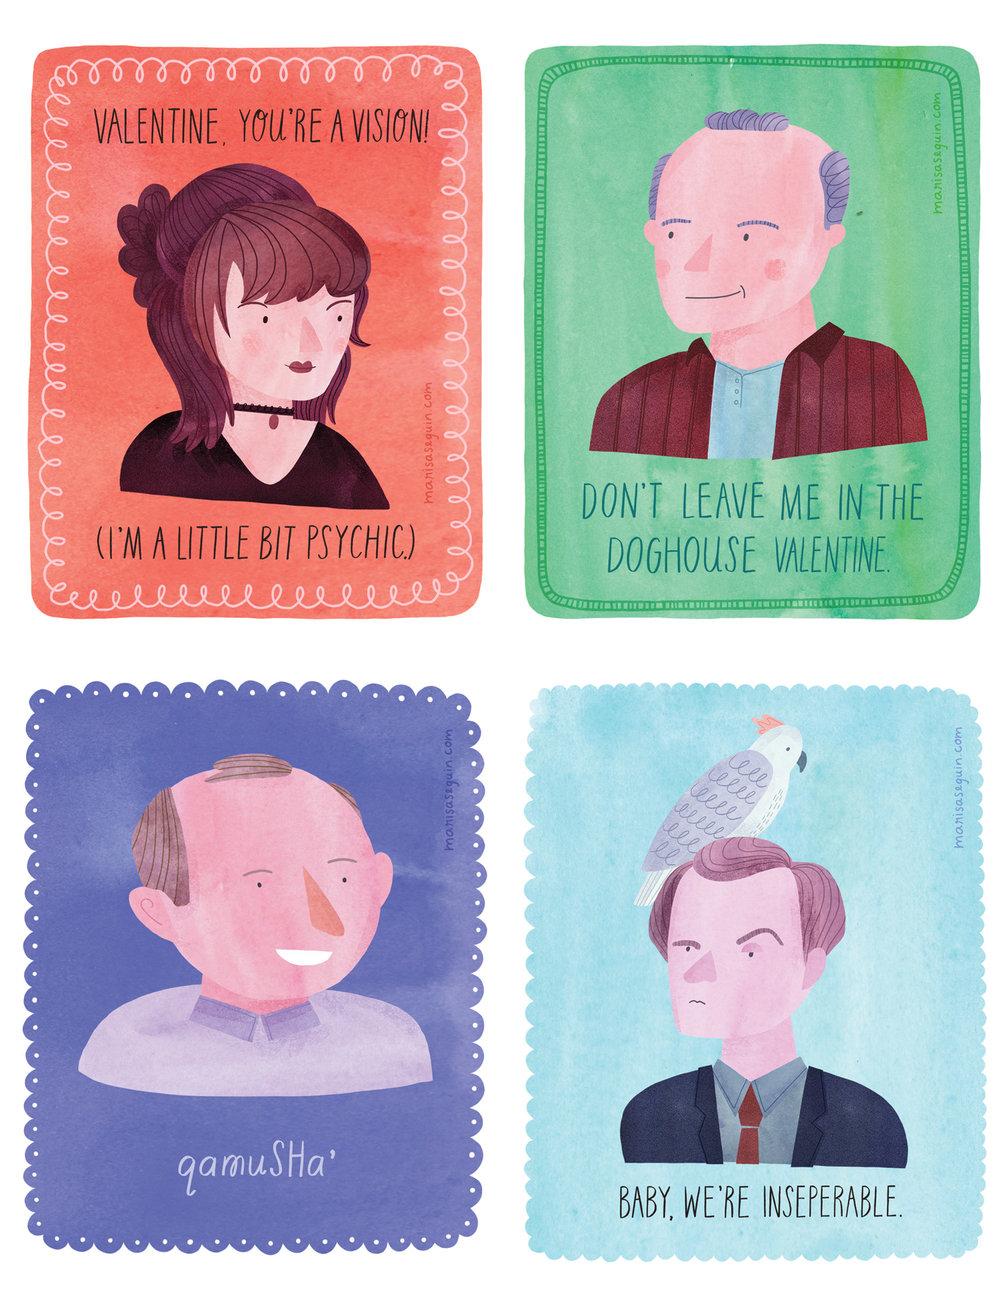 valentinesheet2.jpg